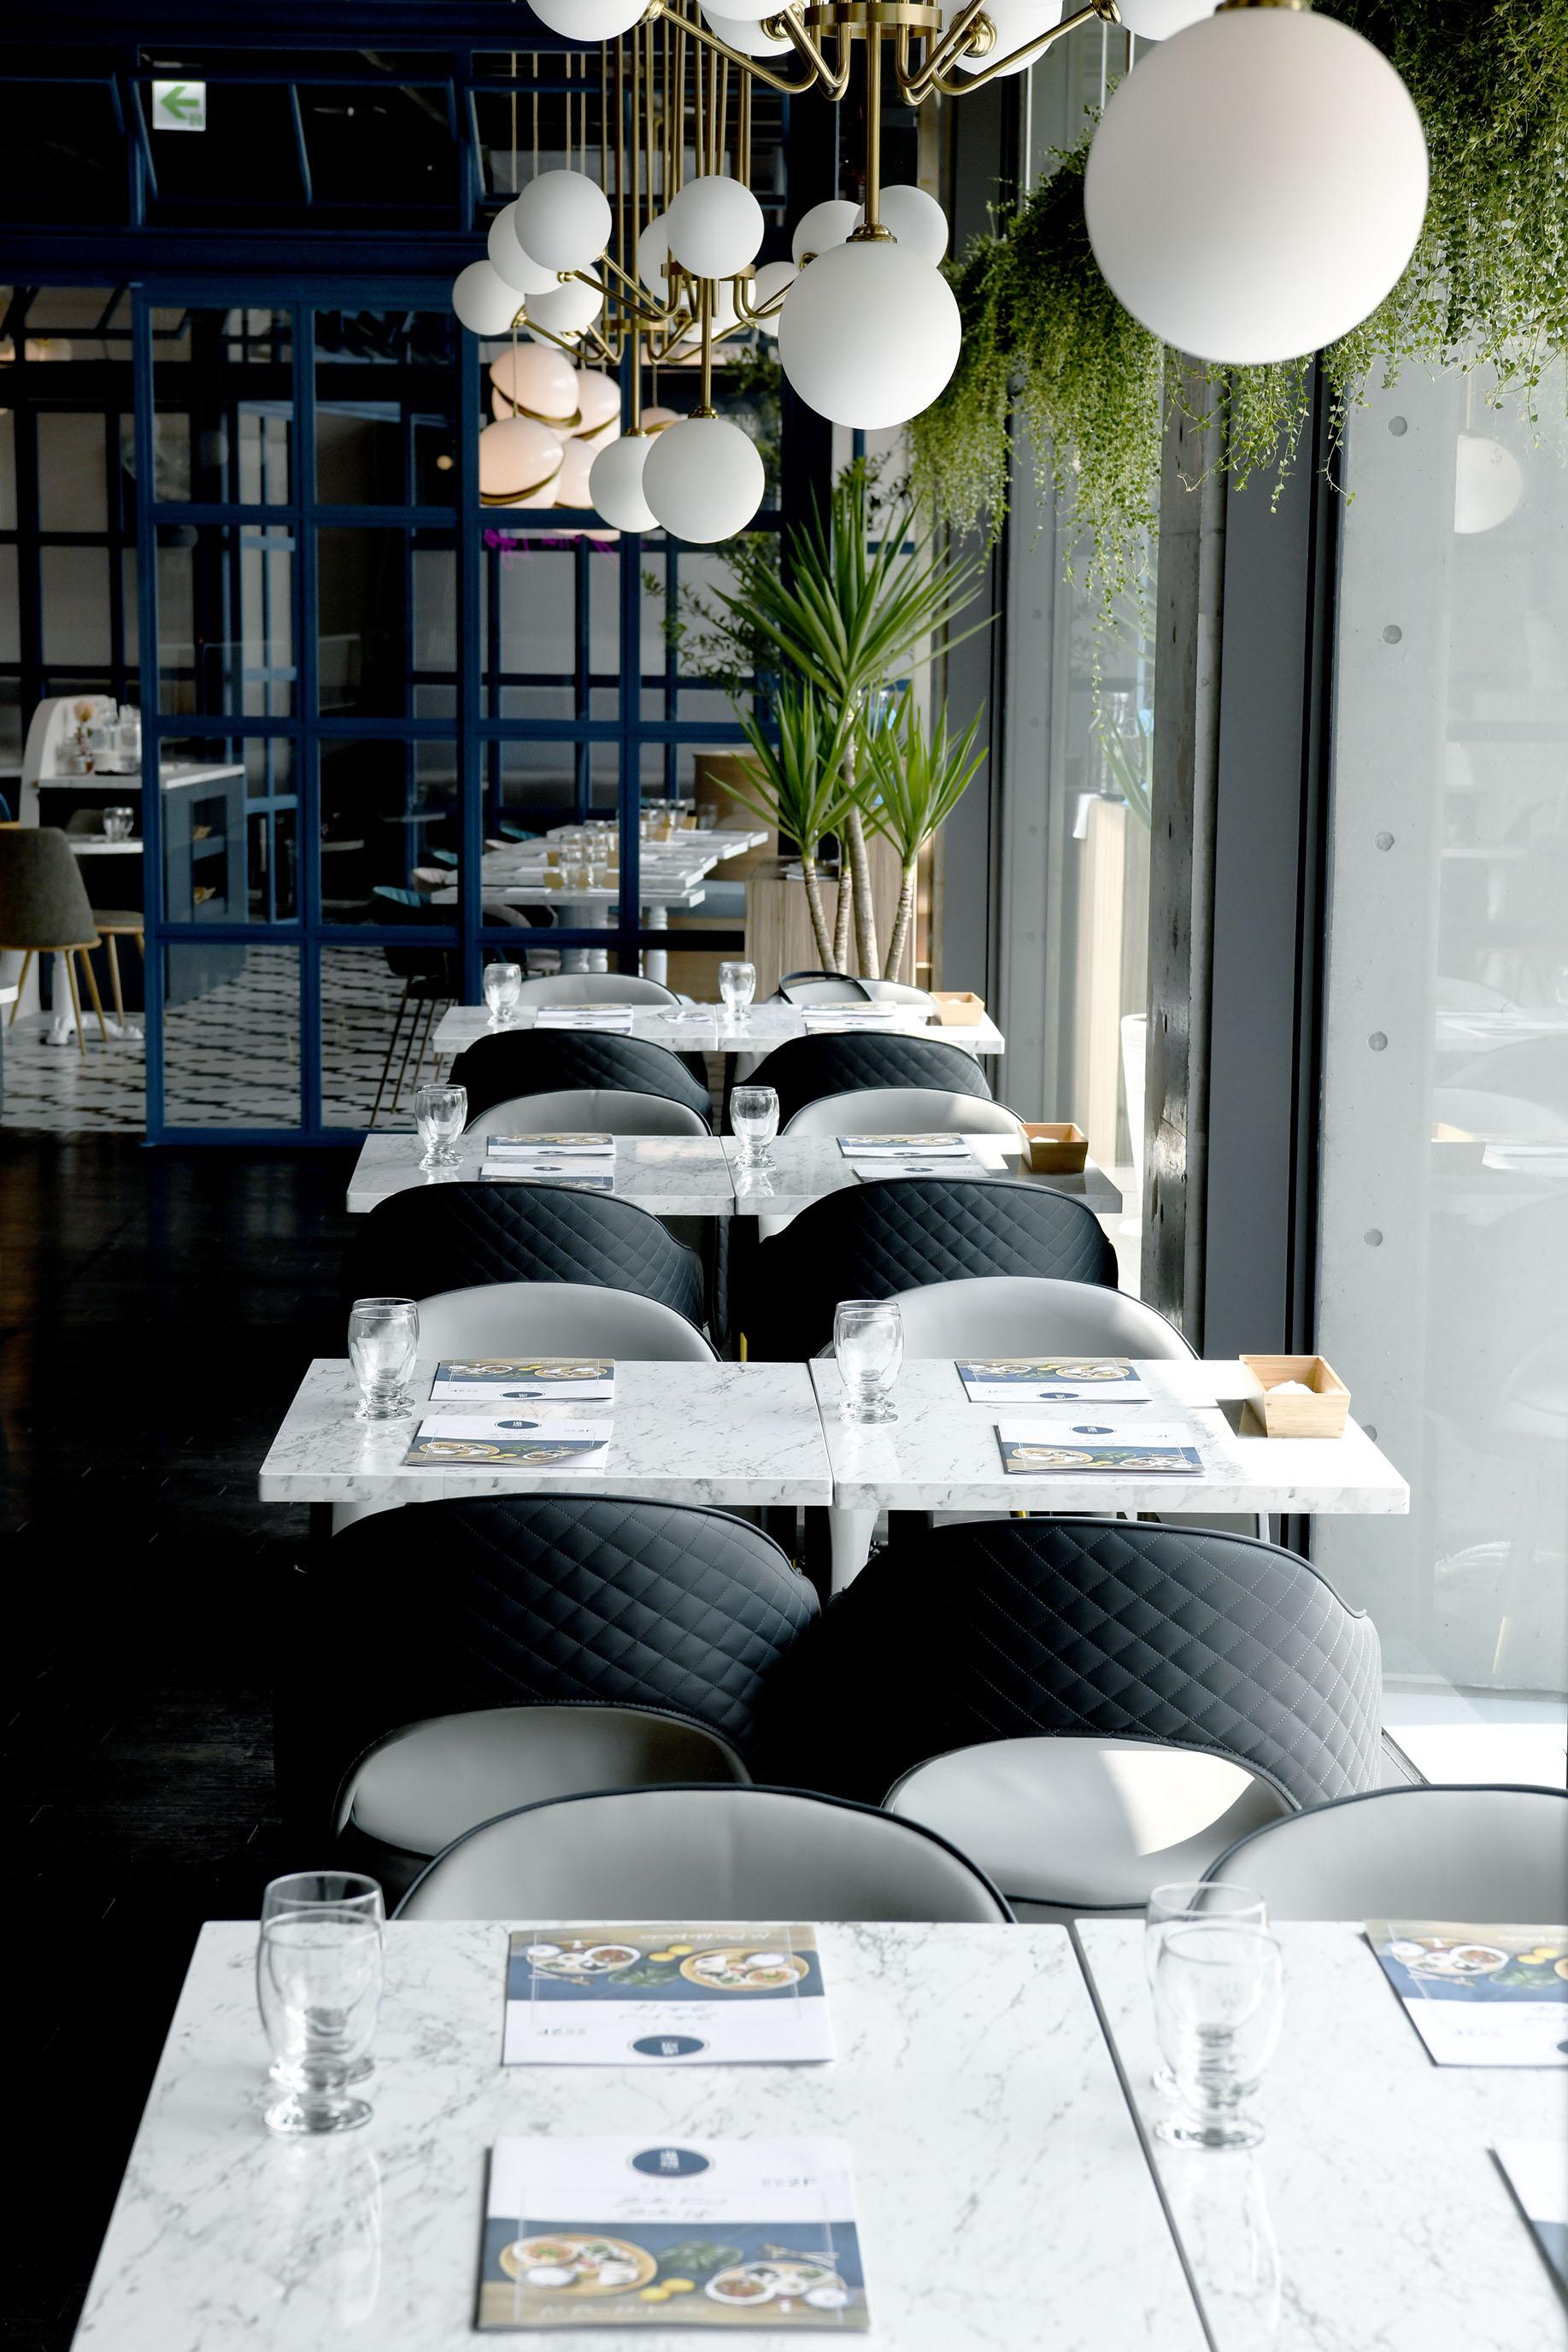 松菸文創新據點,來溫叨吃份在地台味|溫叨 Cafe & Dining